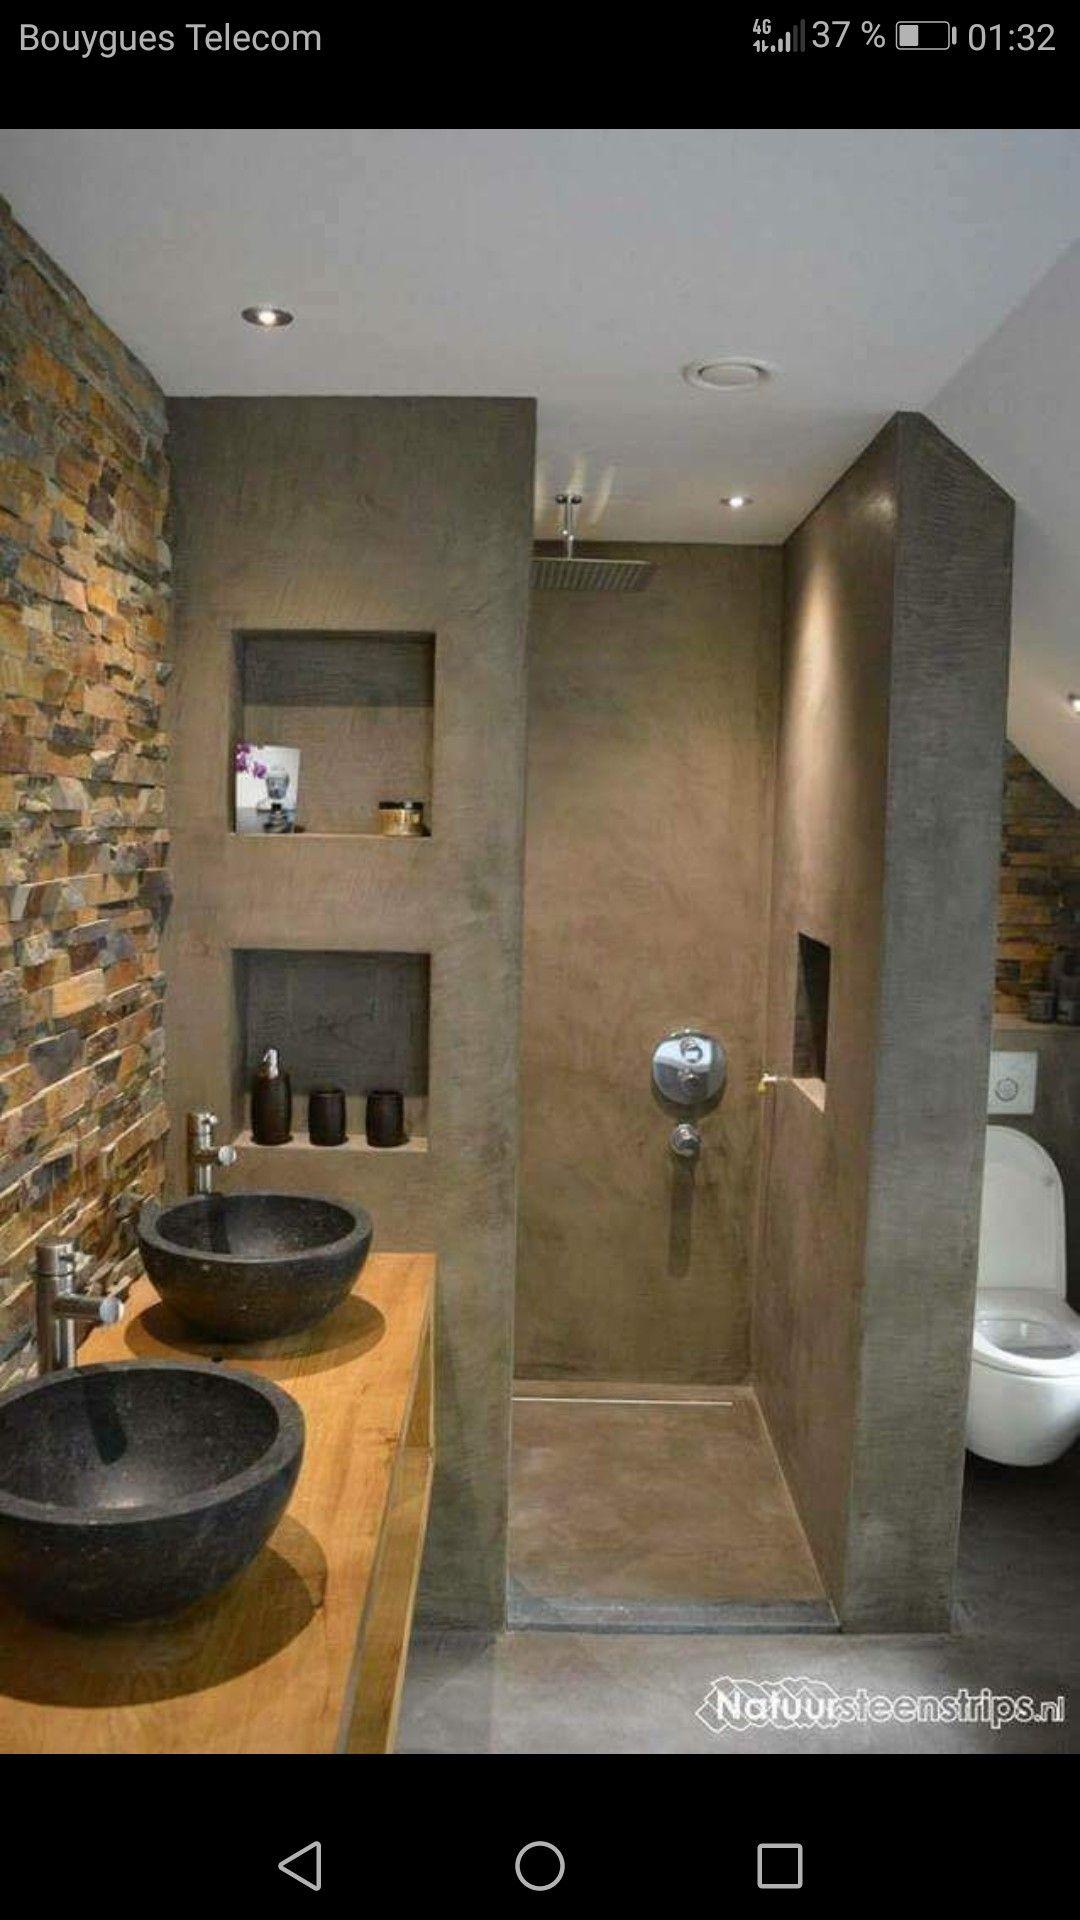 Innenarchitektur wohnzimmer grundrisse out door bathroom idea  houses  pinterest  badezimmer baden und bad